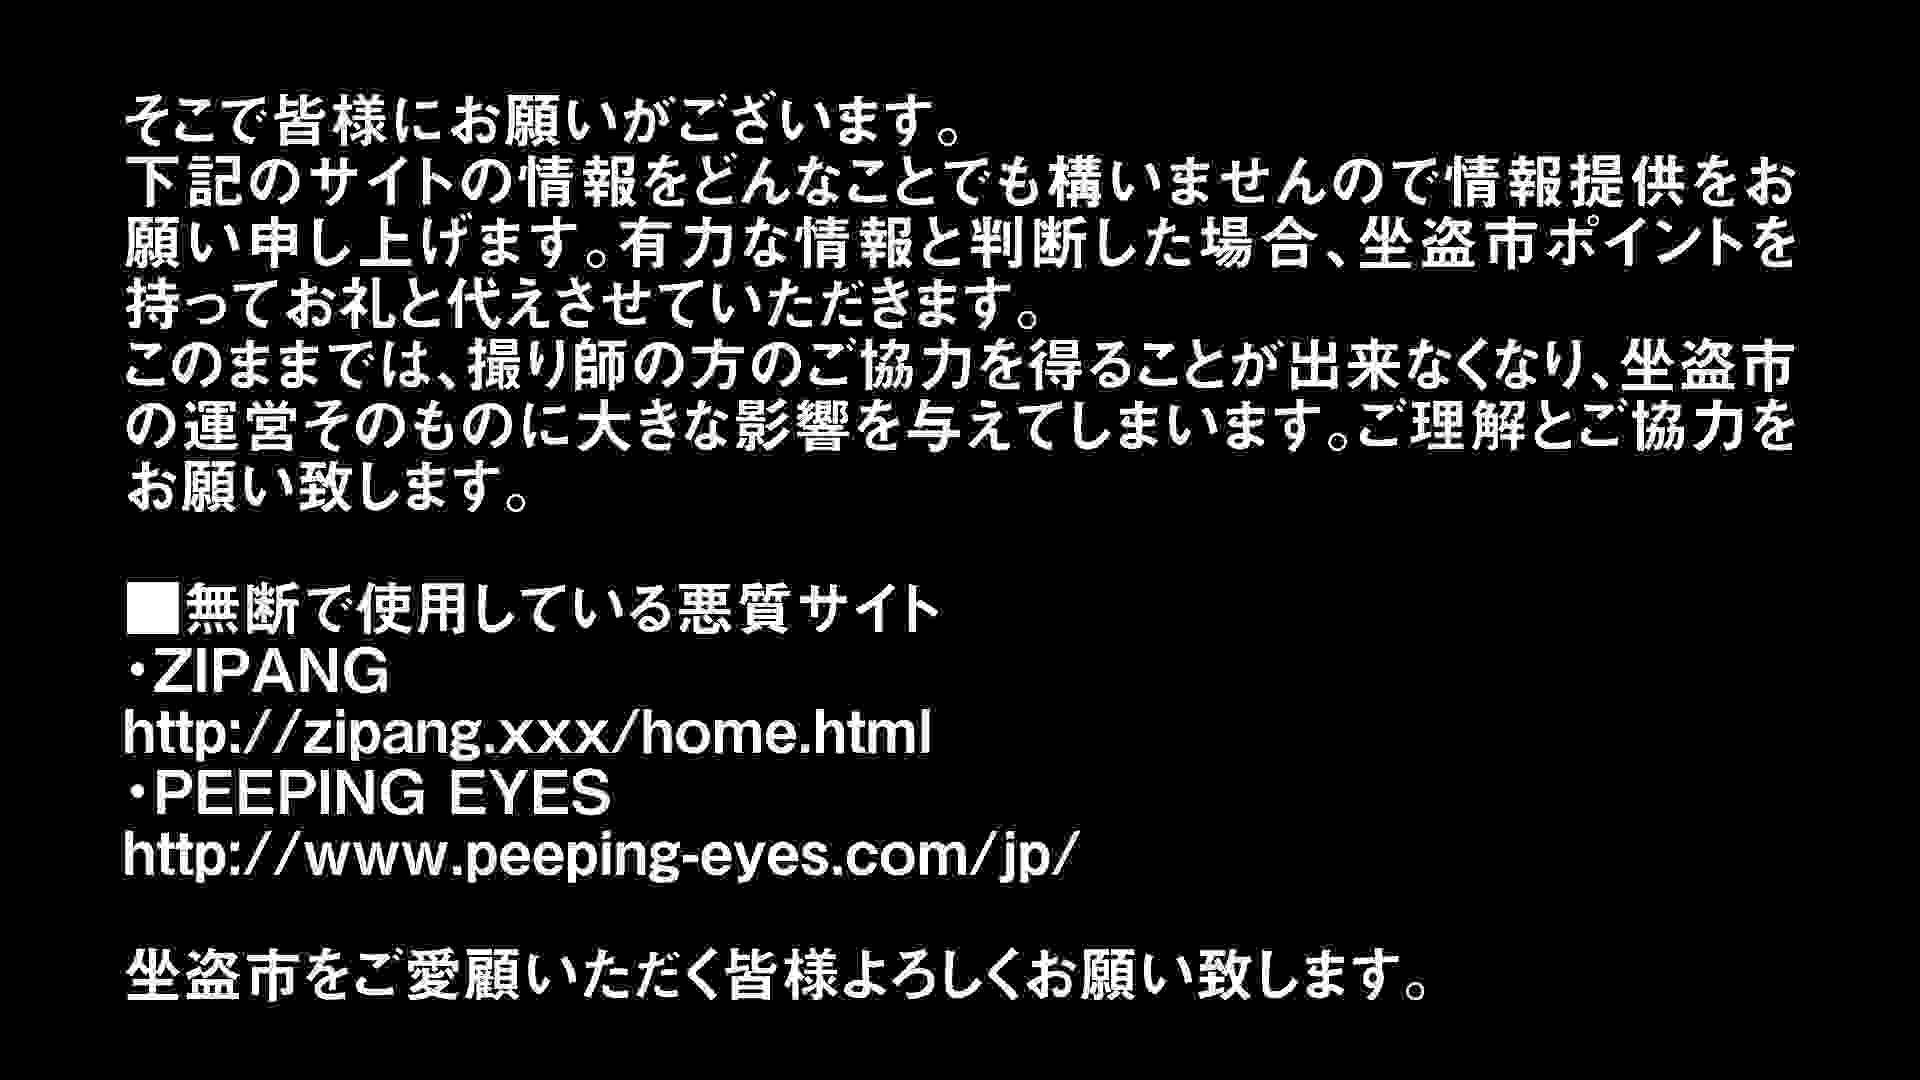 Aquaな露天風呂Vol.301 露天 | 盗撮  85画像 28